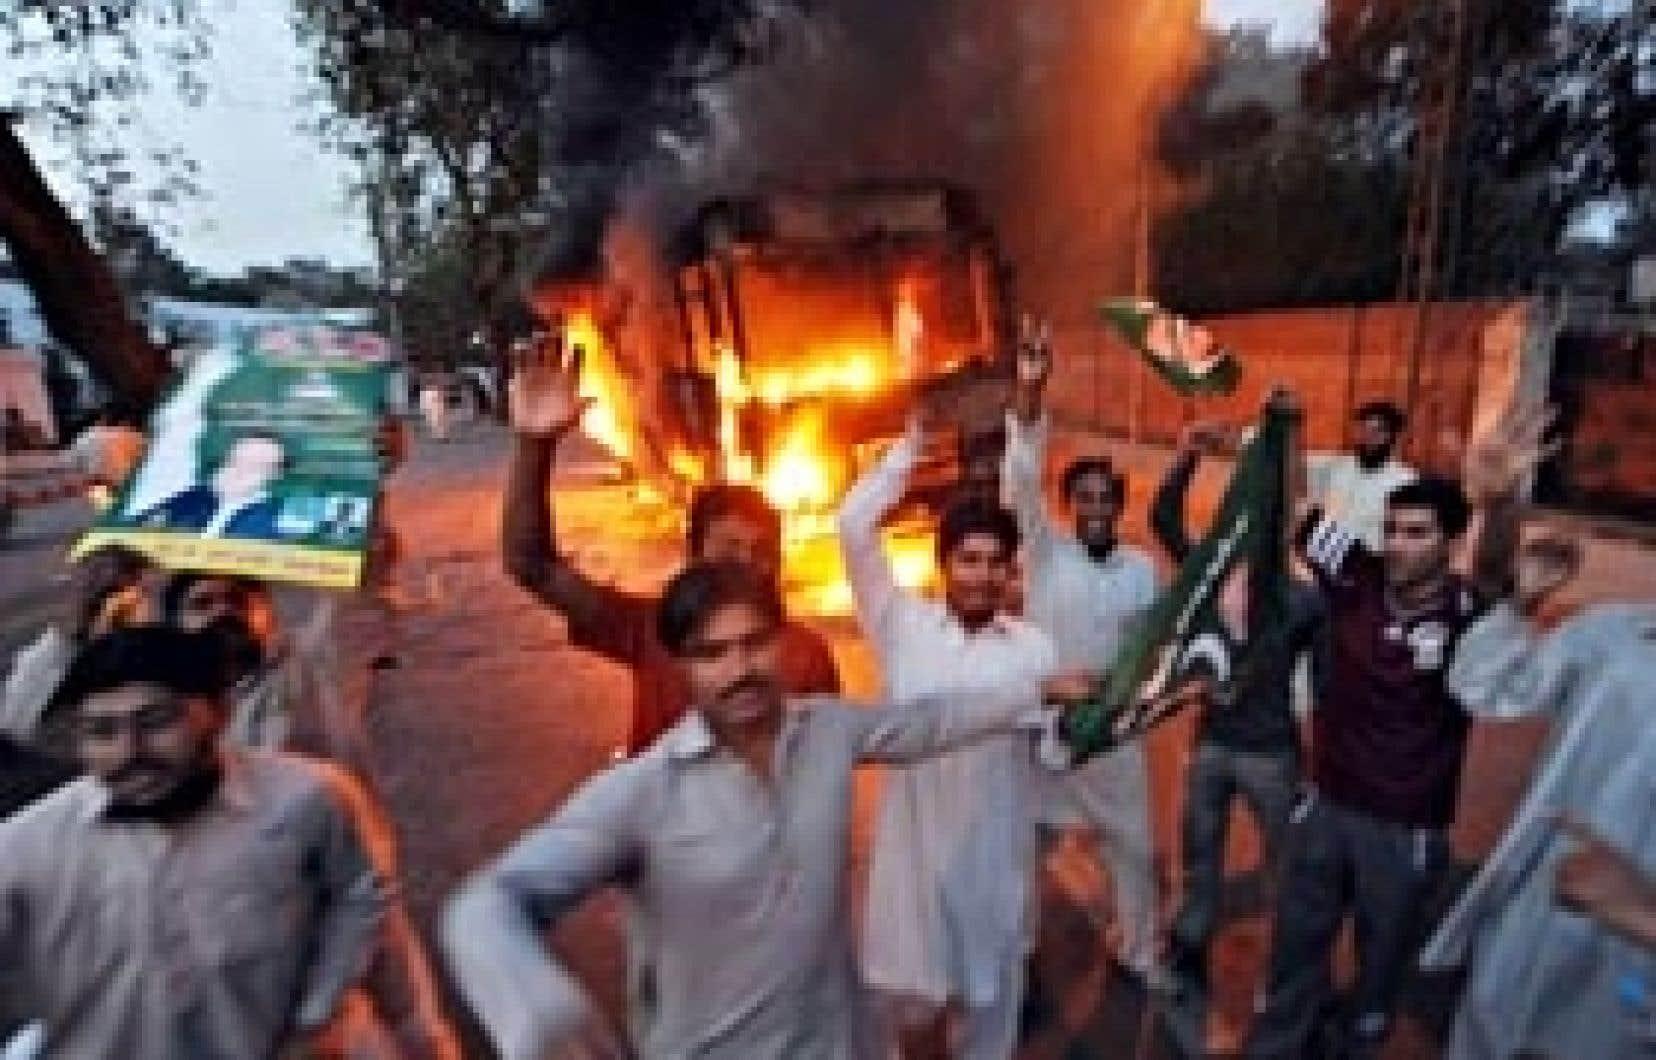 Des partisans de l'opposition au Pakistan ont manifesté hier contre la décision du gouvernement de tenter d'assigner à résidence Nawaz Sharif. Ce dernier a toutefois renoncé à tenir aujourd'hui une démonstration de force dans les rues d'Is